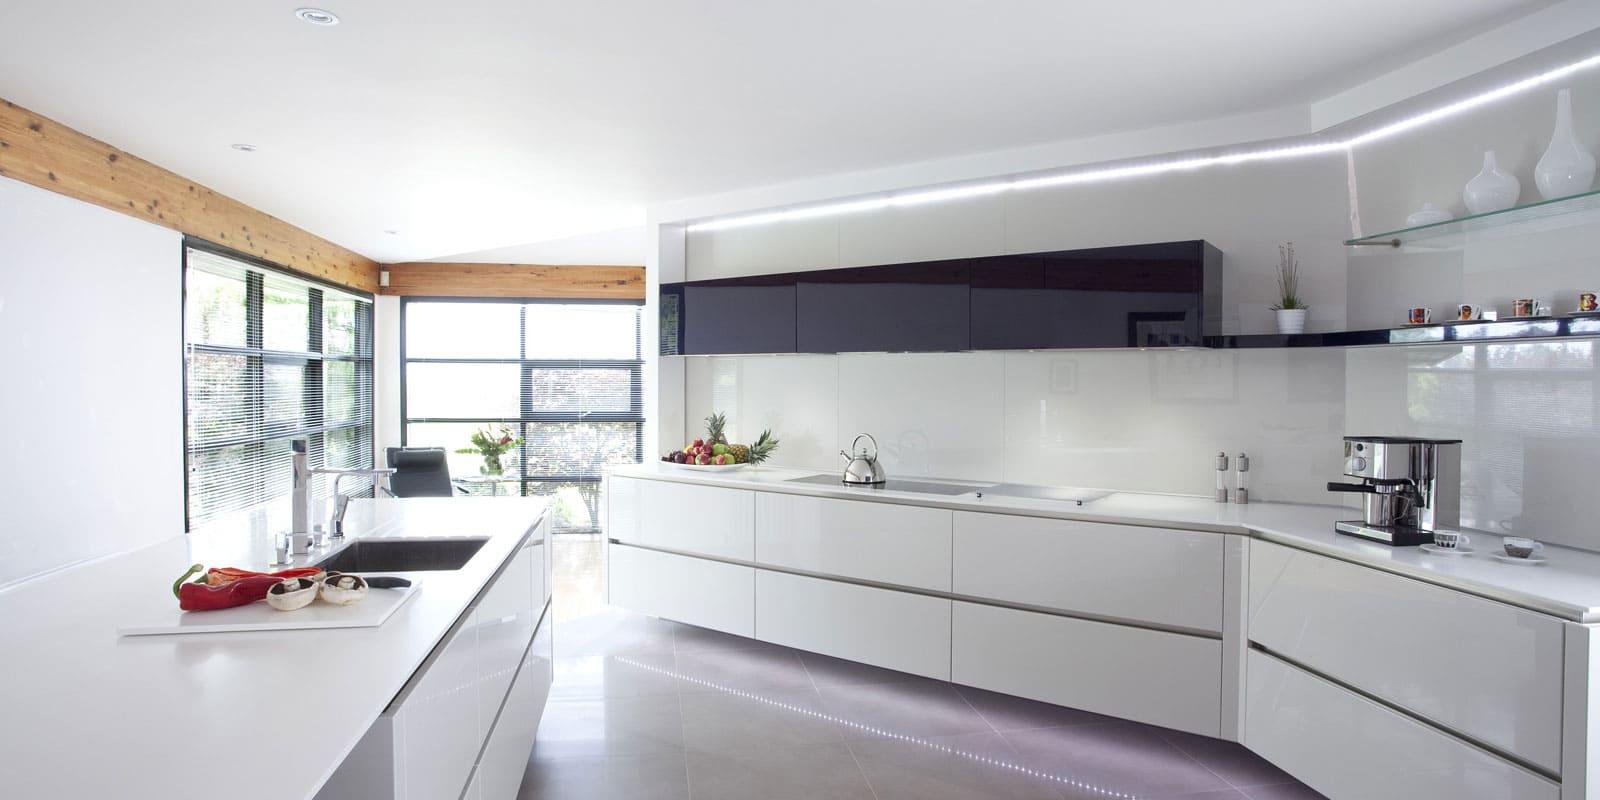 Потолок кухни в стиле минимализм - фото (2)